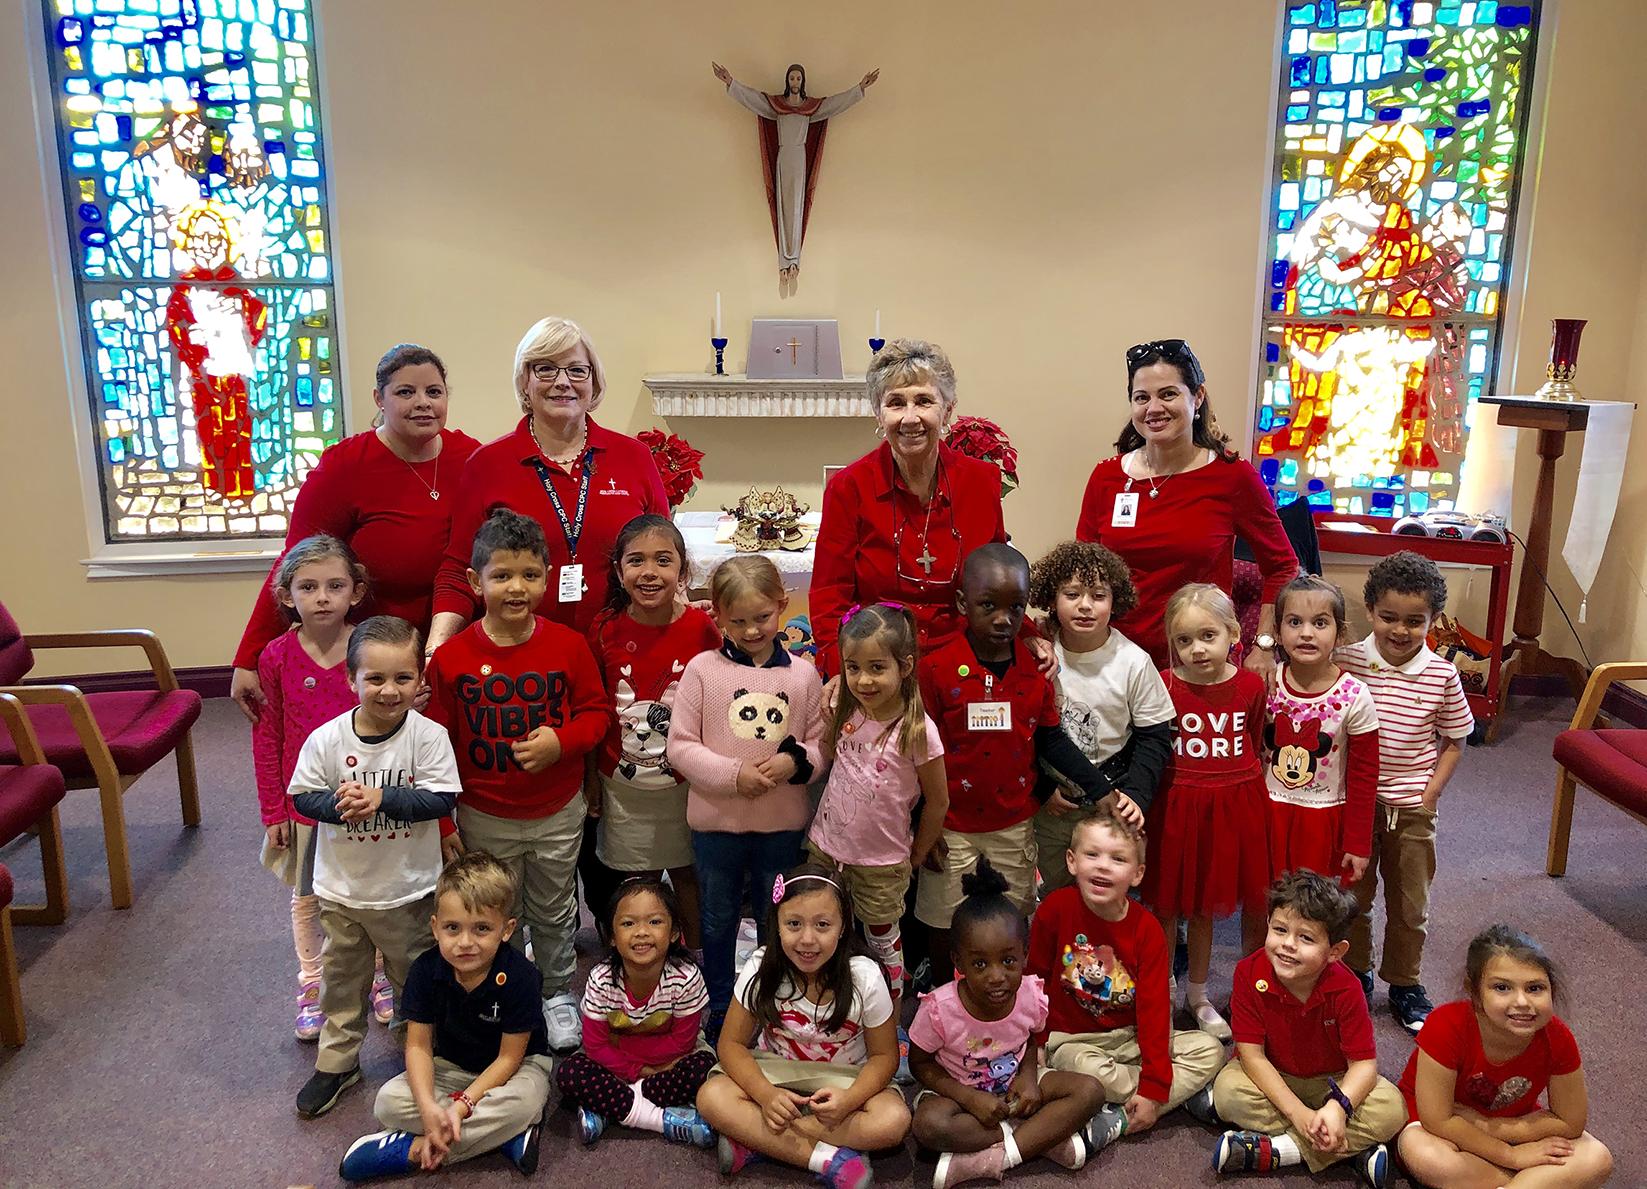 holycross-school-group-in-chapel